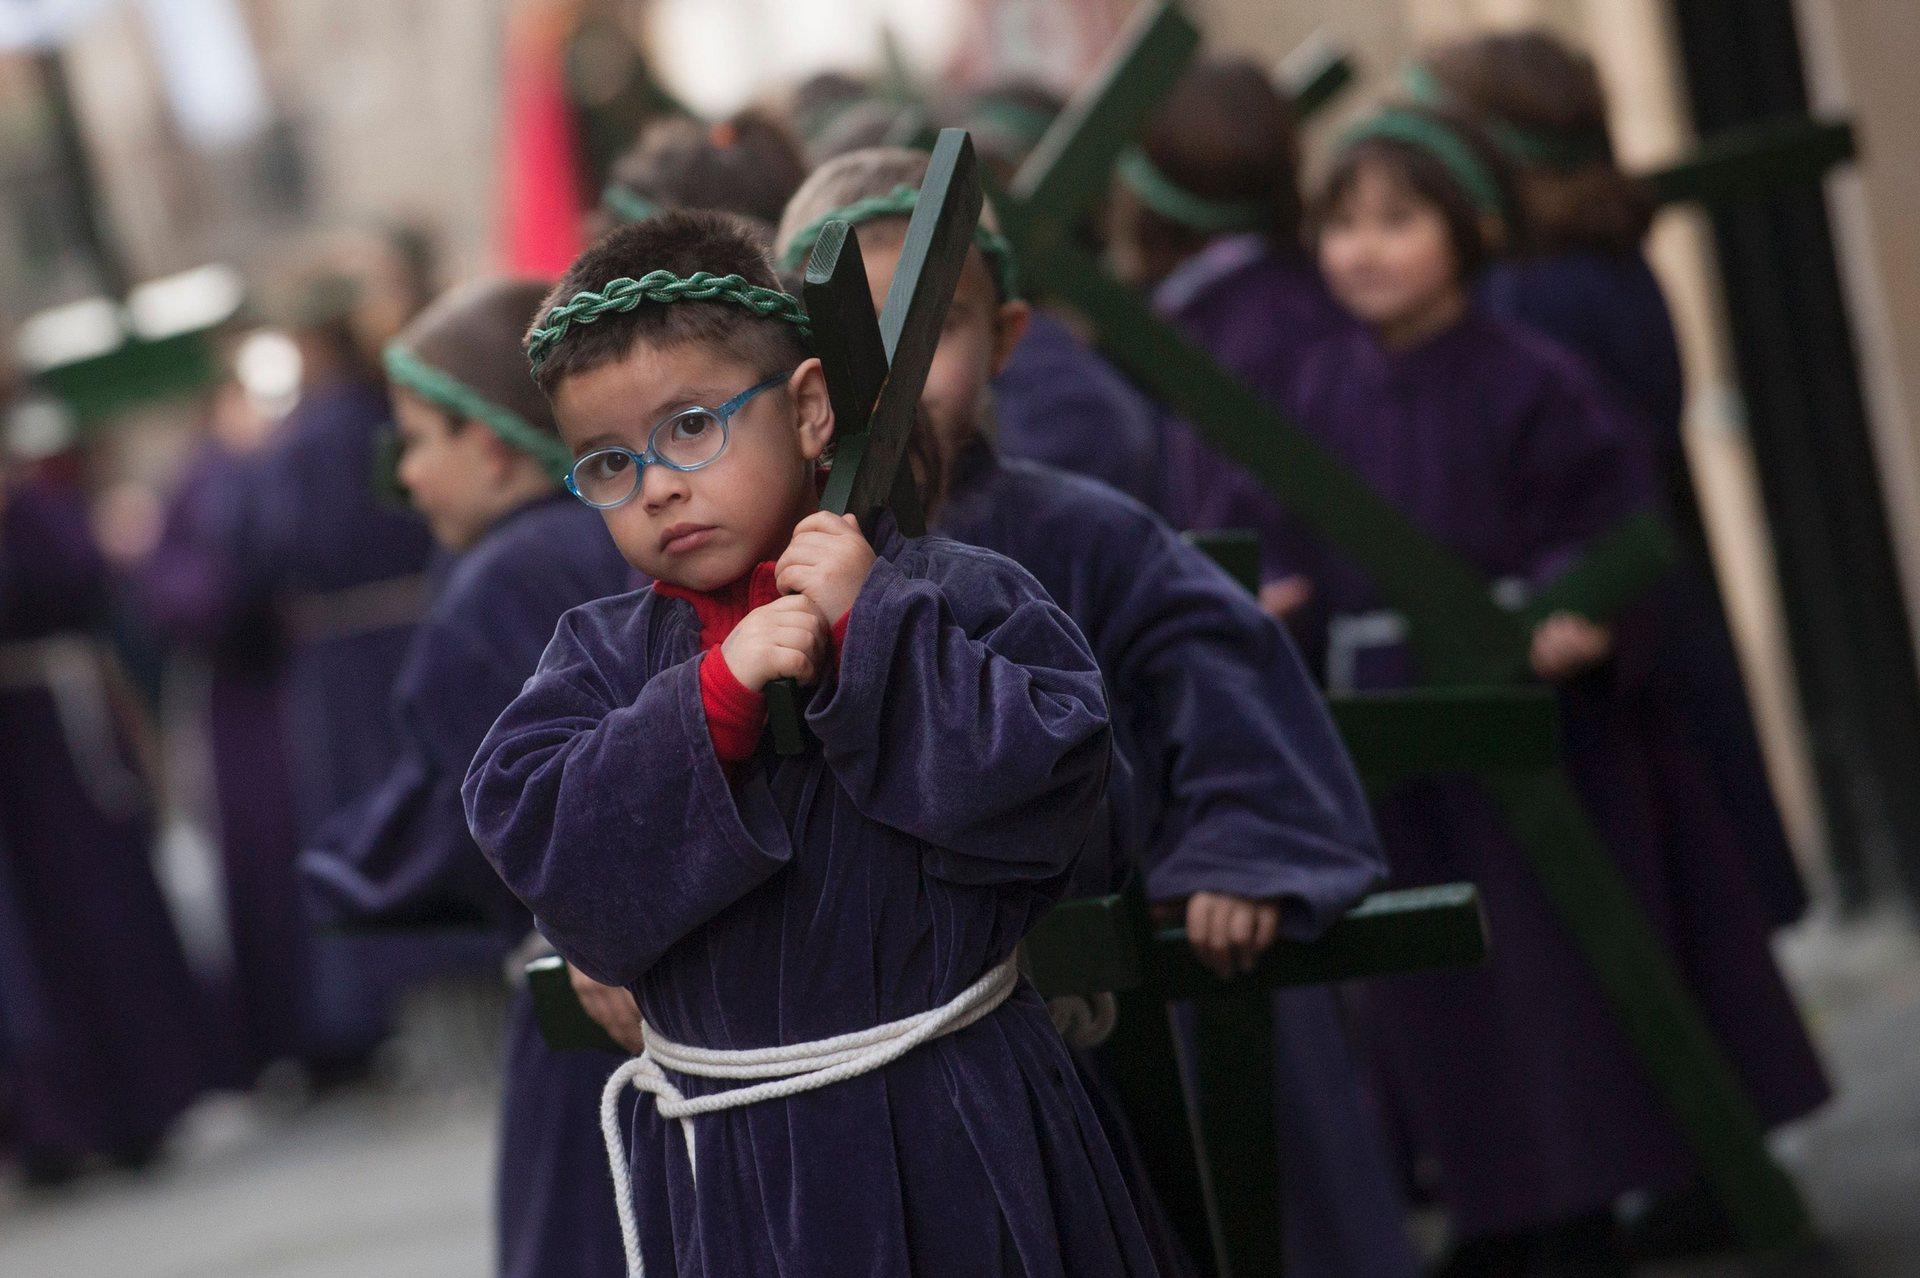 Сегура, Джипузкоа Децата носят кръстове по време на парад в северното баски село Снимка: Gari Garaialde / AFP / Getty Images